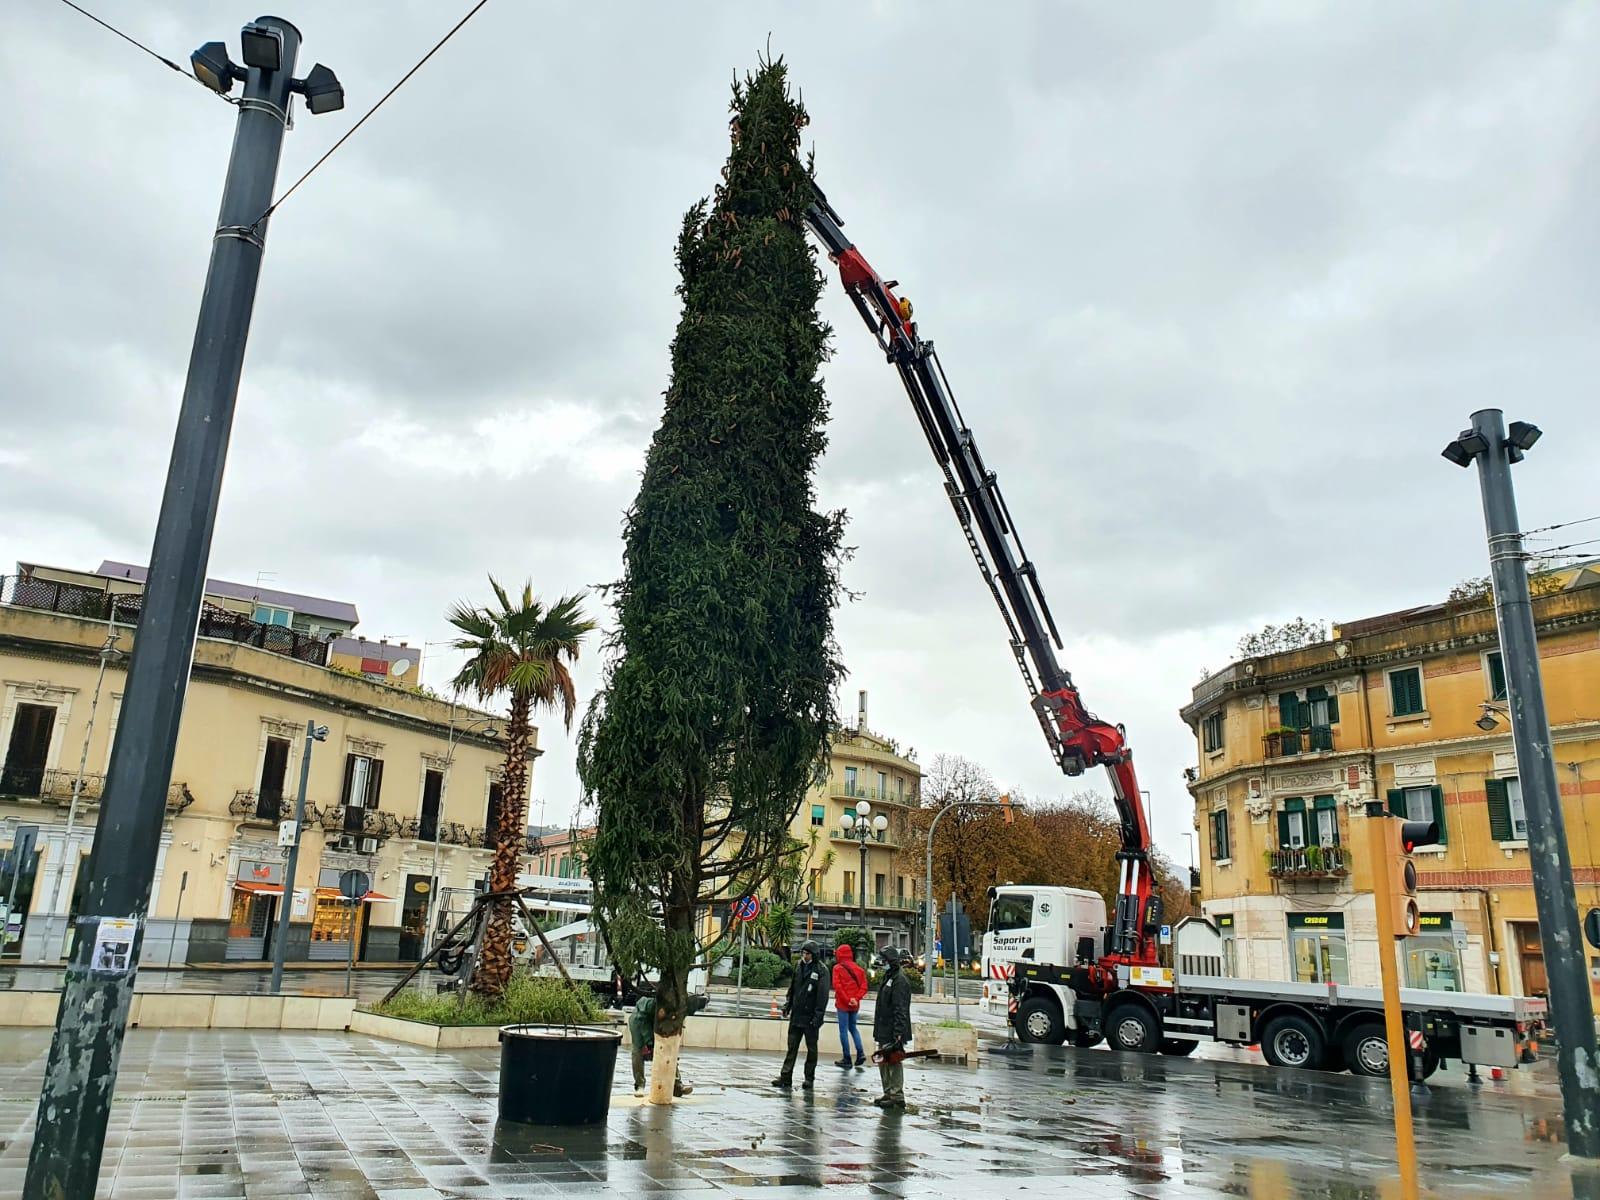 Aria di festa a piazza Cairoli: collocato l'albero di Natale